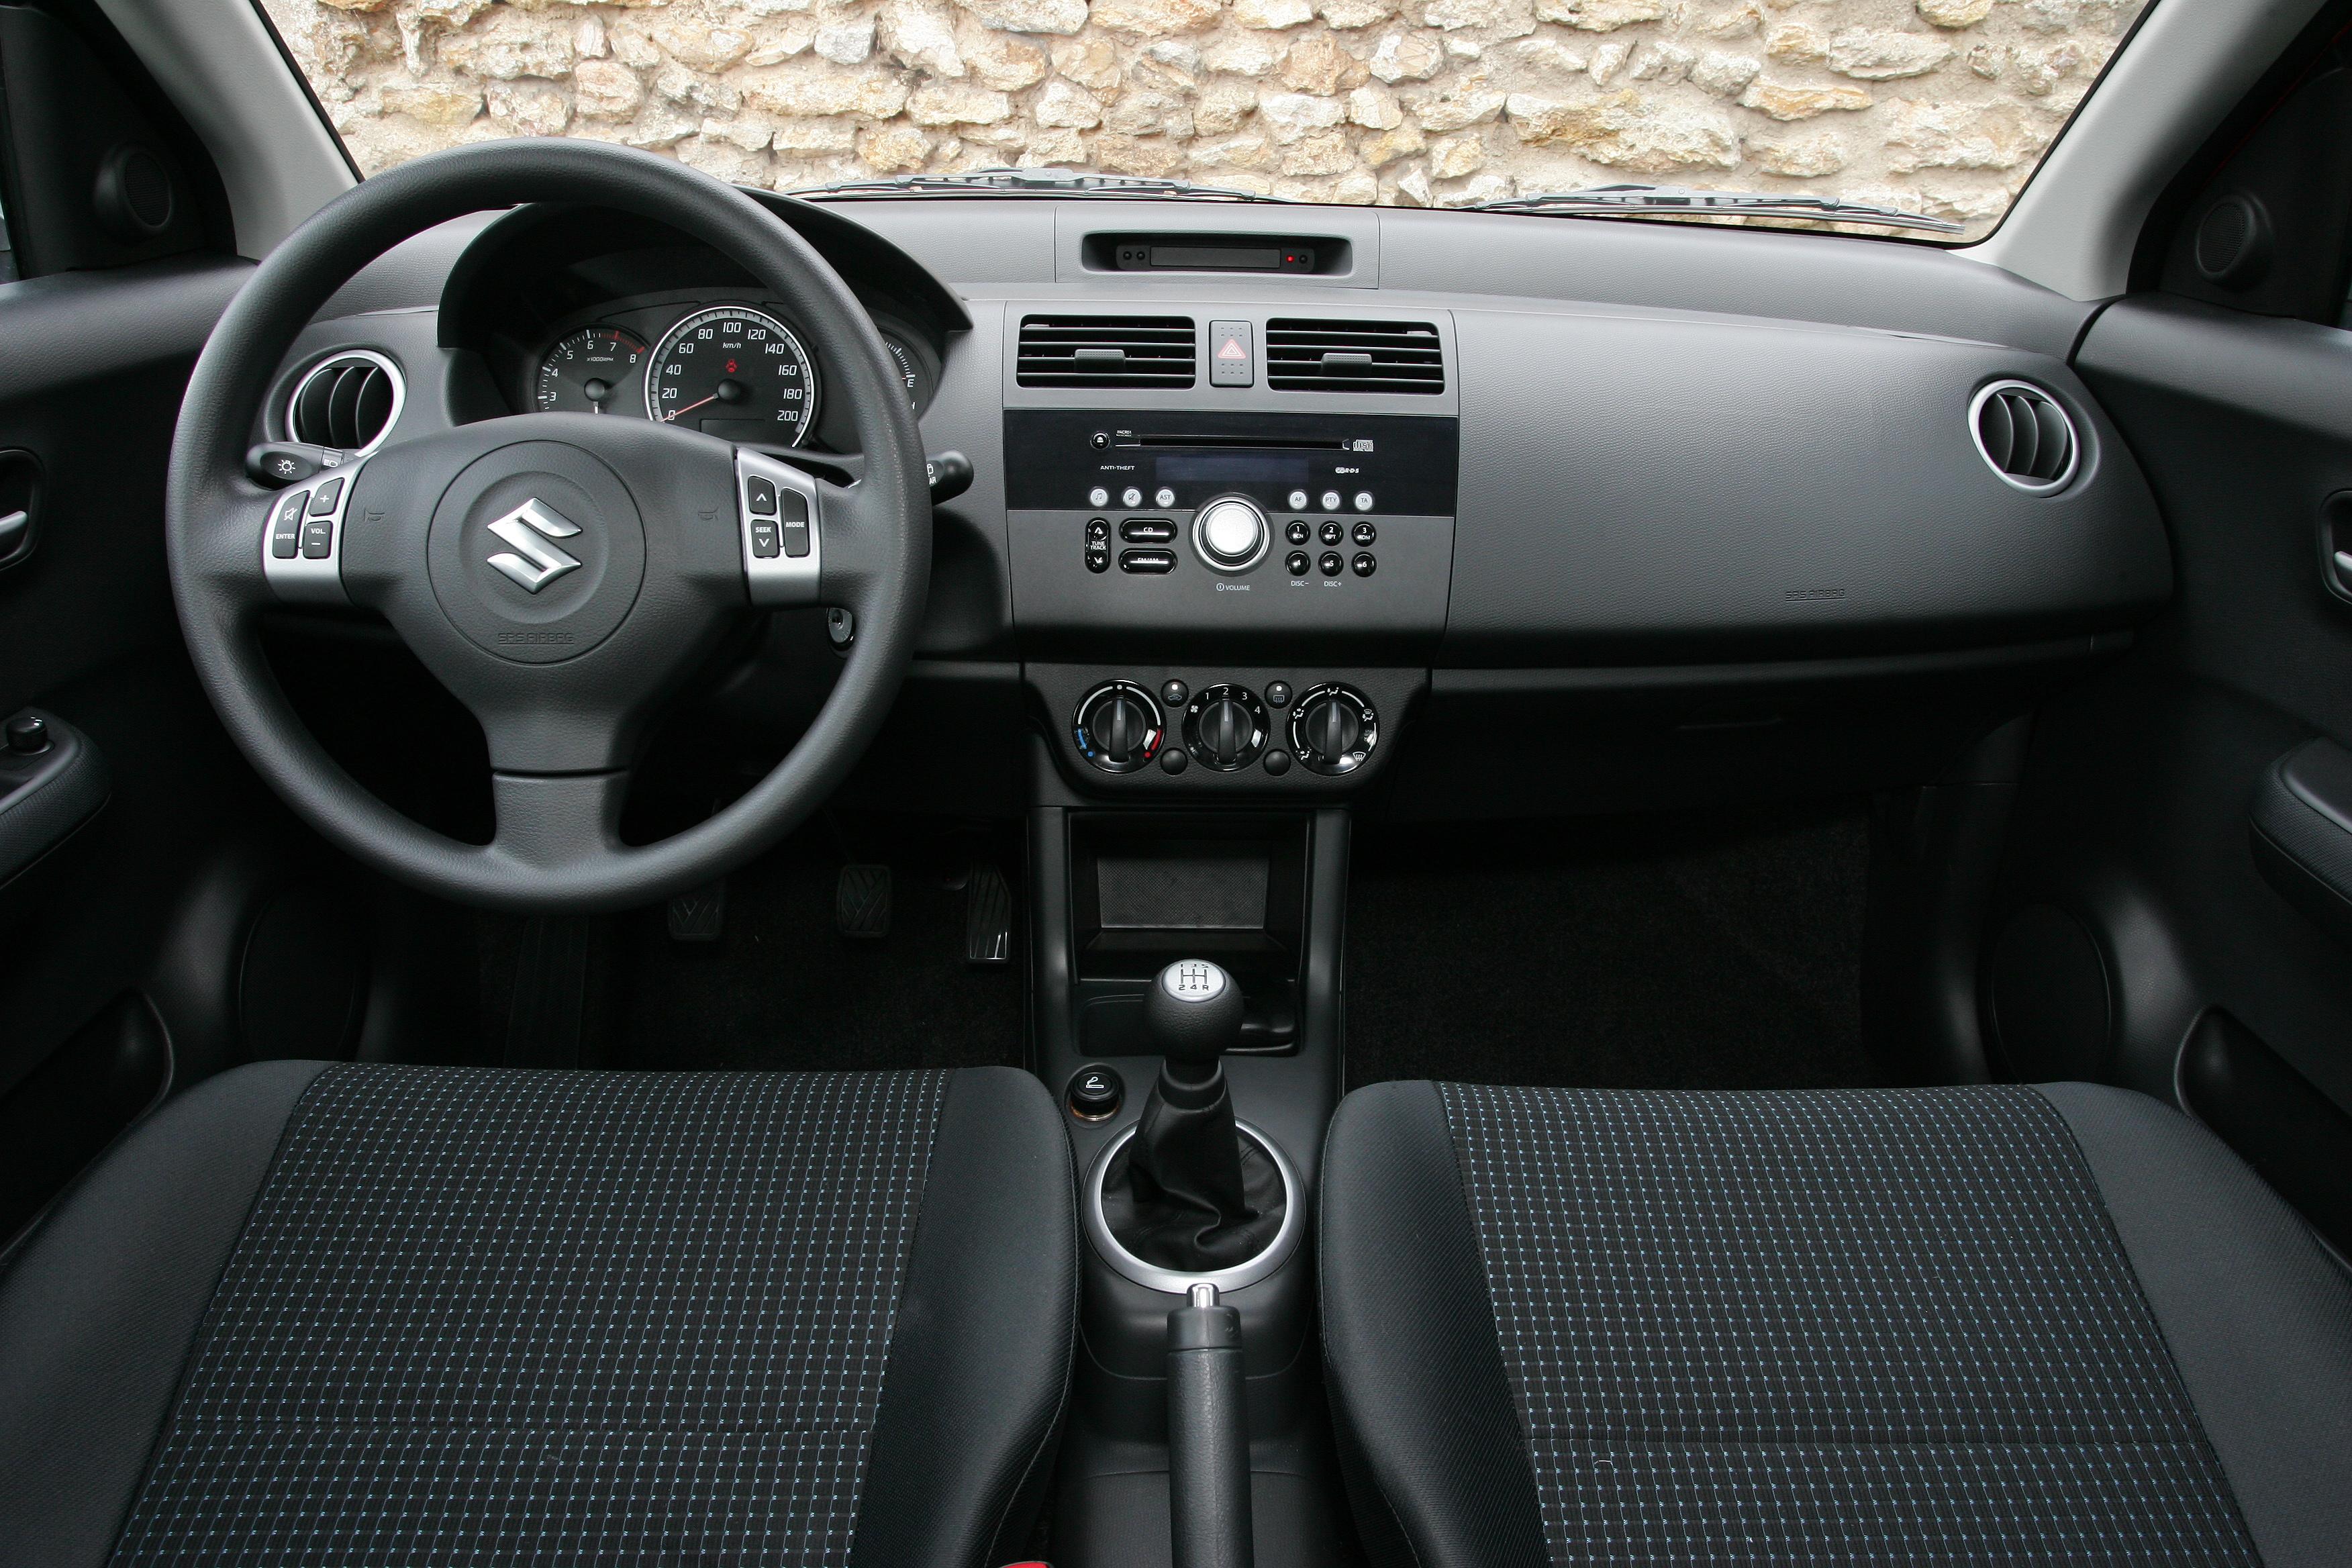 Le opinioni del web: i difetti della Suzuki Swift 4x4 Recensioni